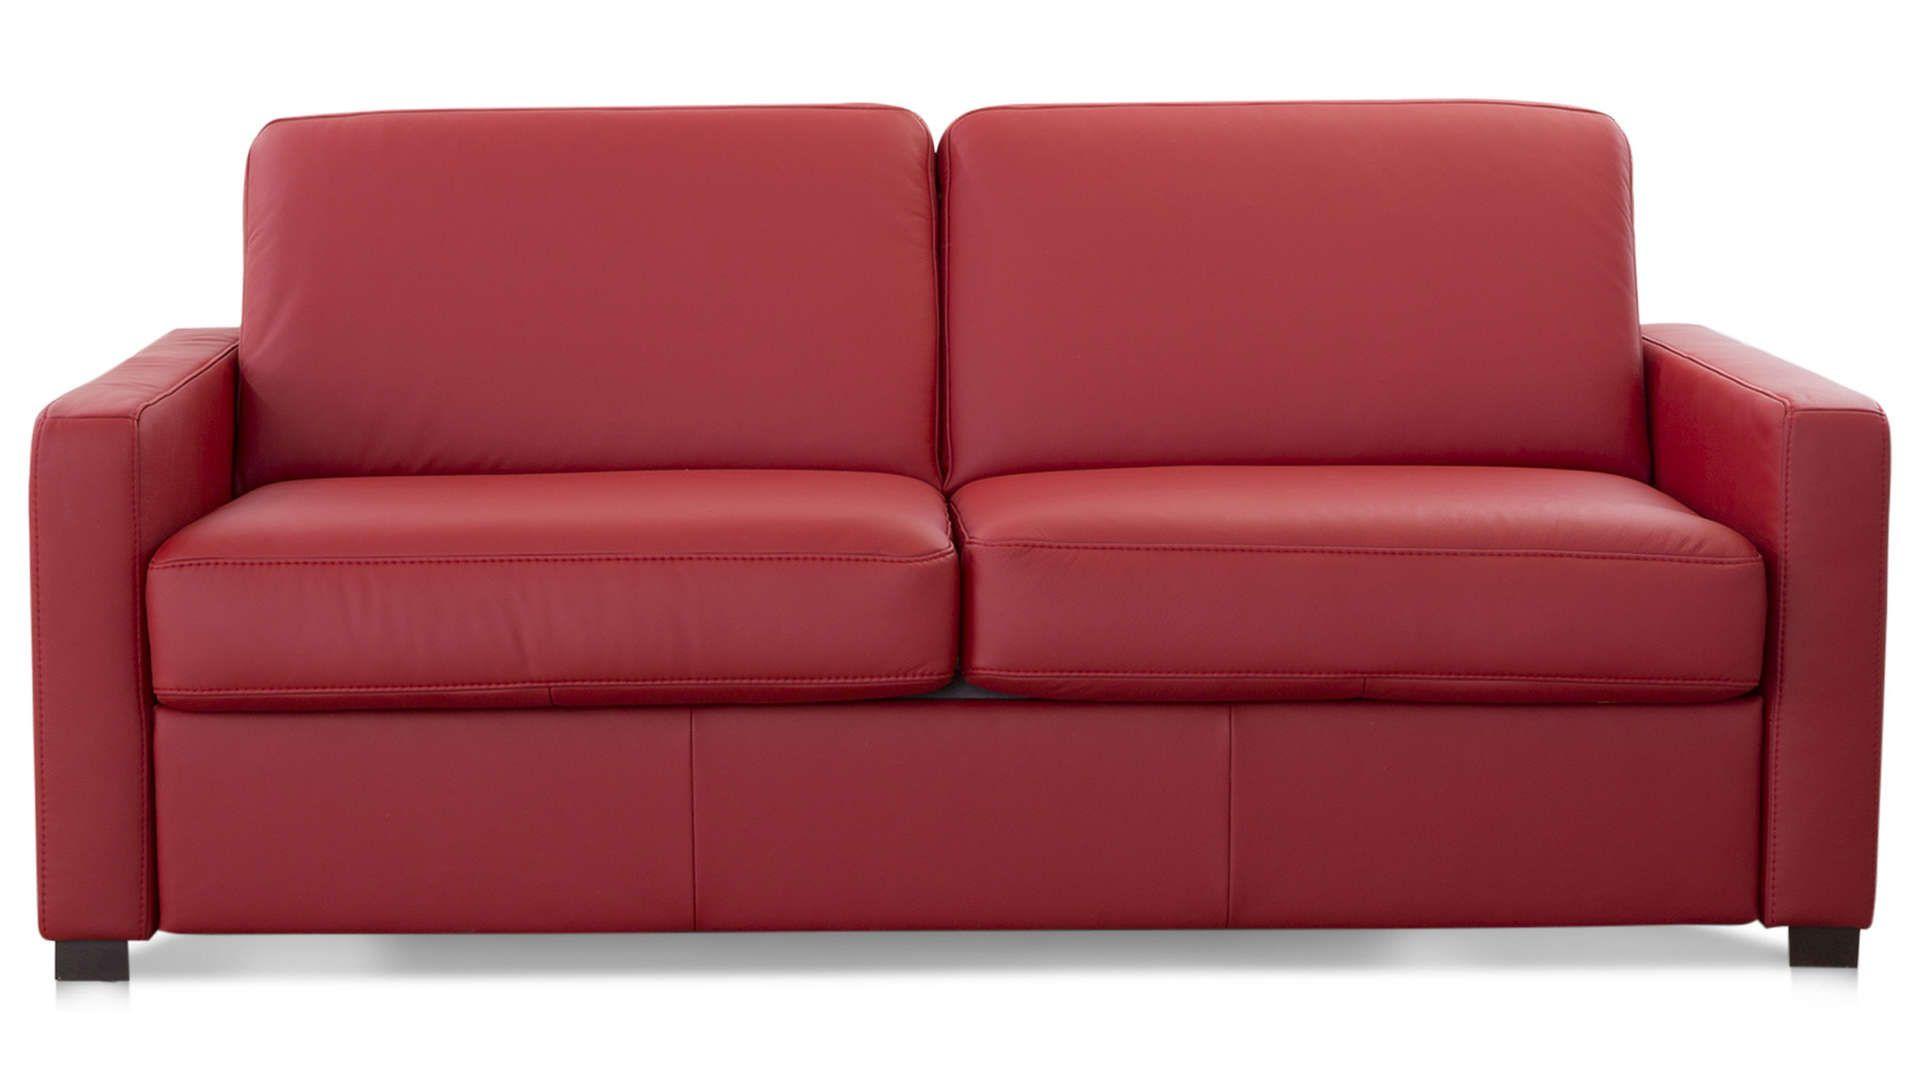 Canape Droit Convertible 2 5 Places En Cuir Comfort Bultex Divalit Coloris Rouge Canape Droit Convertible 2 Places Canape